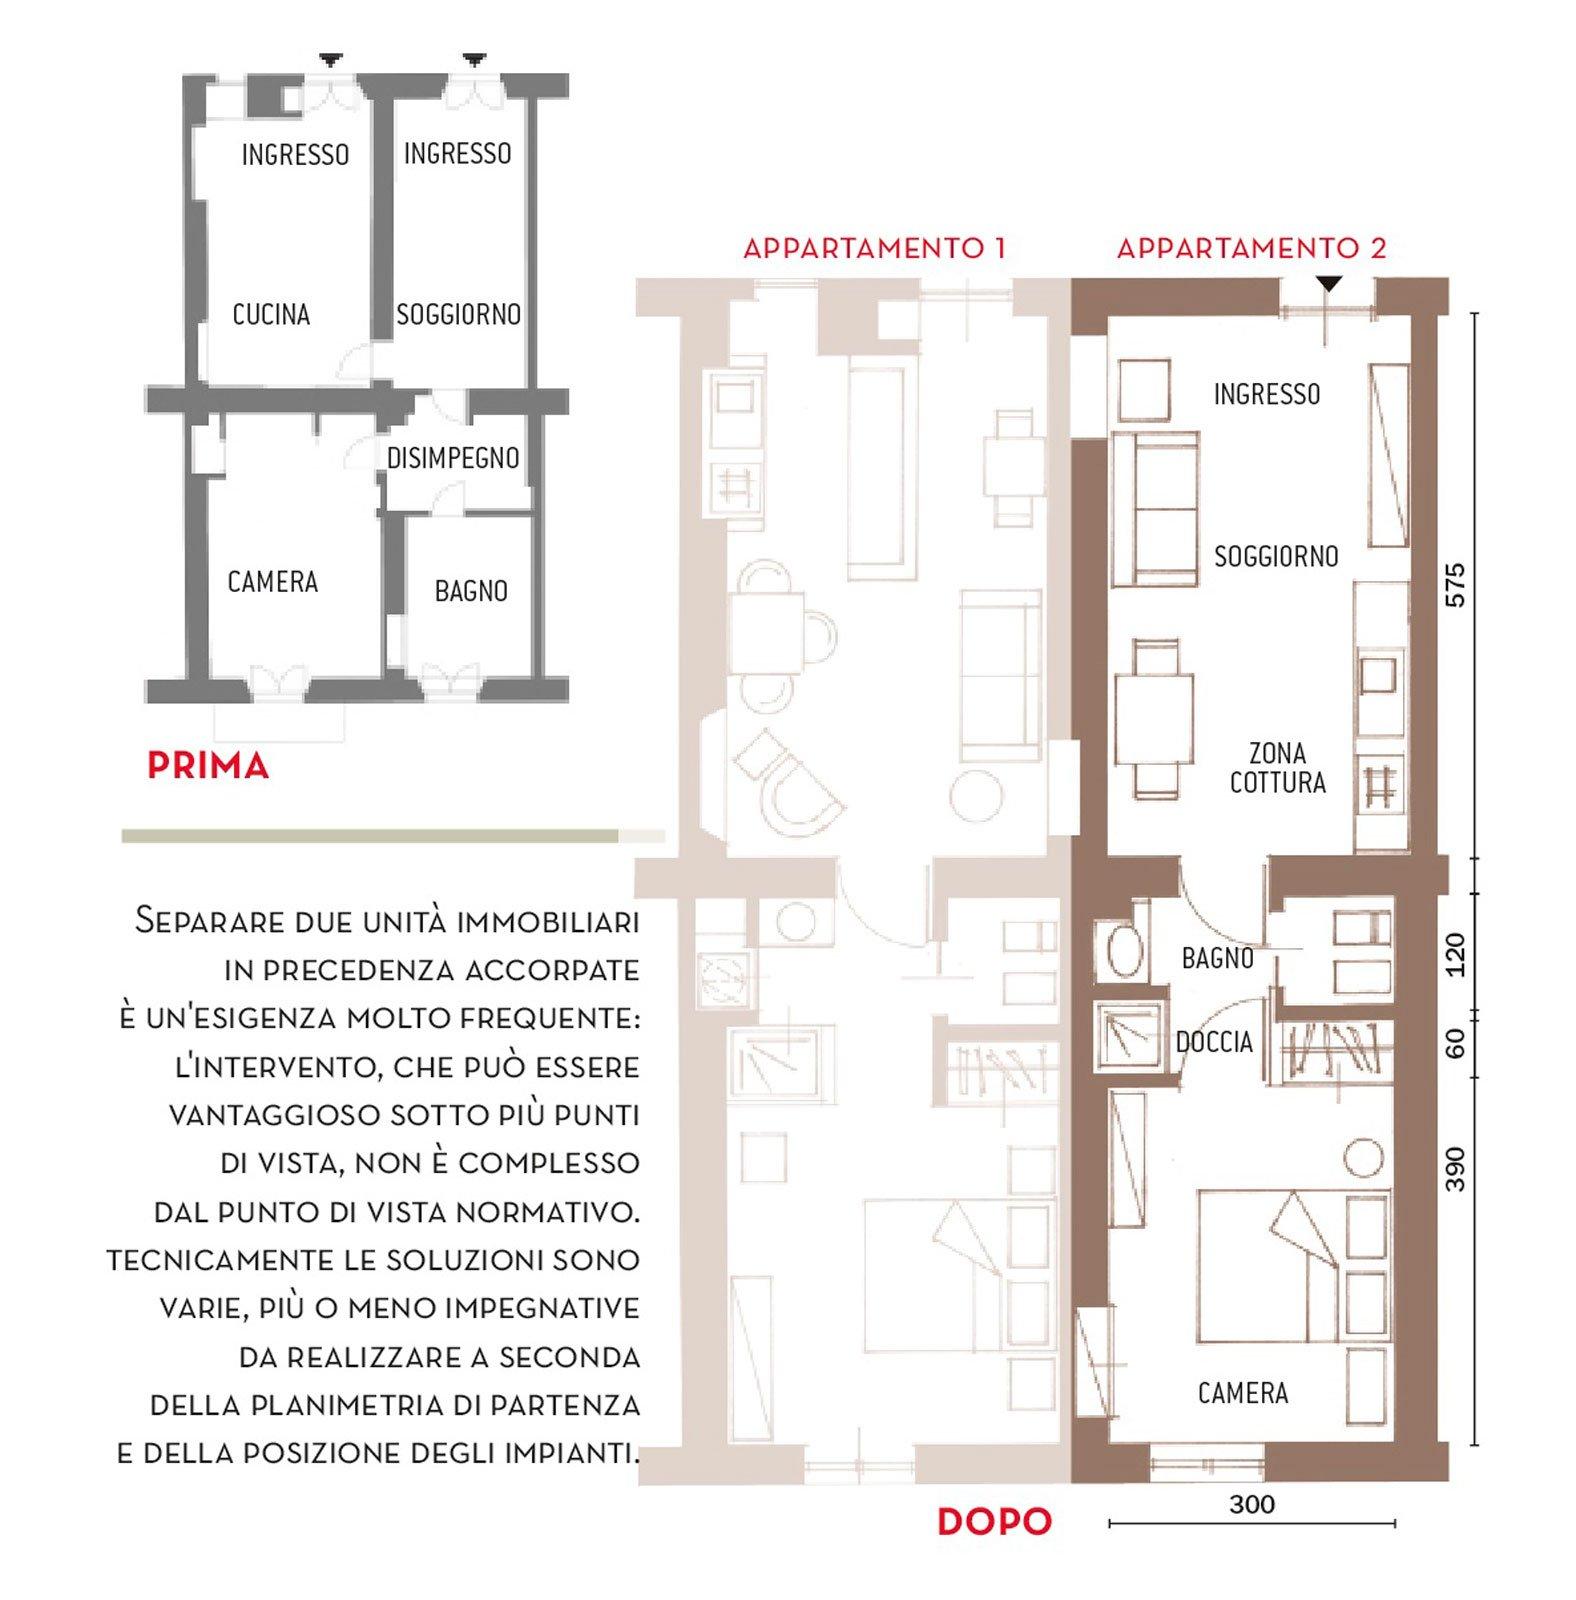 Dividere la casa in due bilocali cose di casa - Dividere una camera in due ...